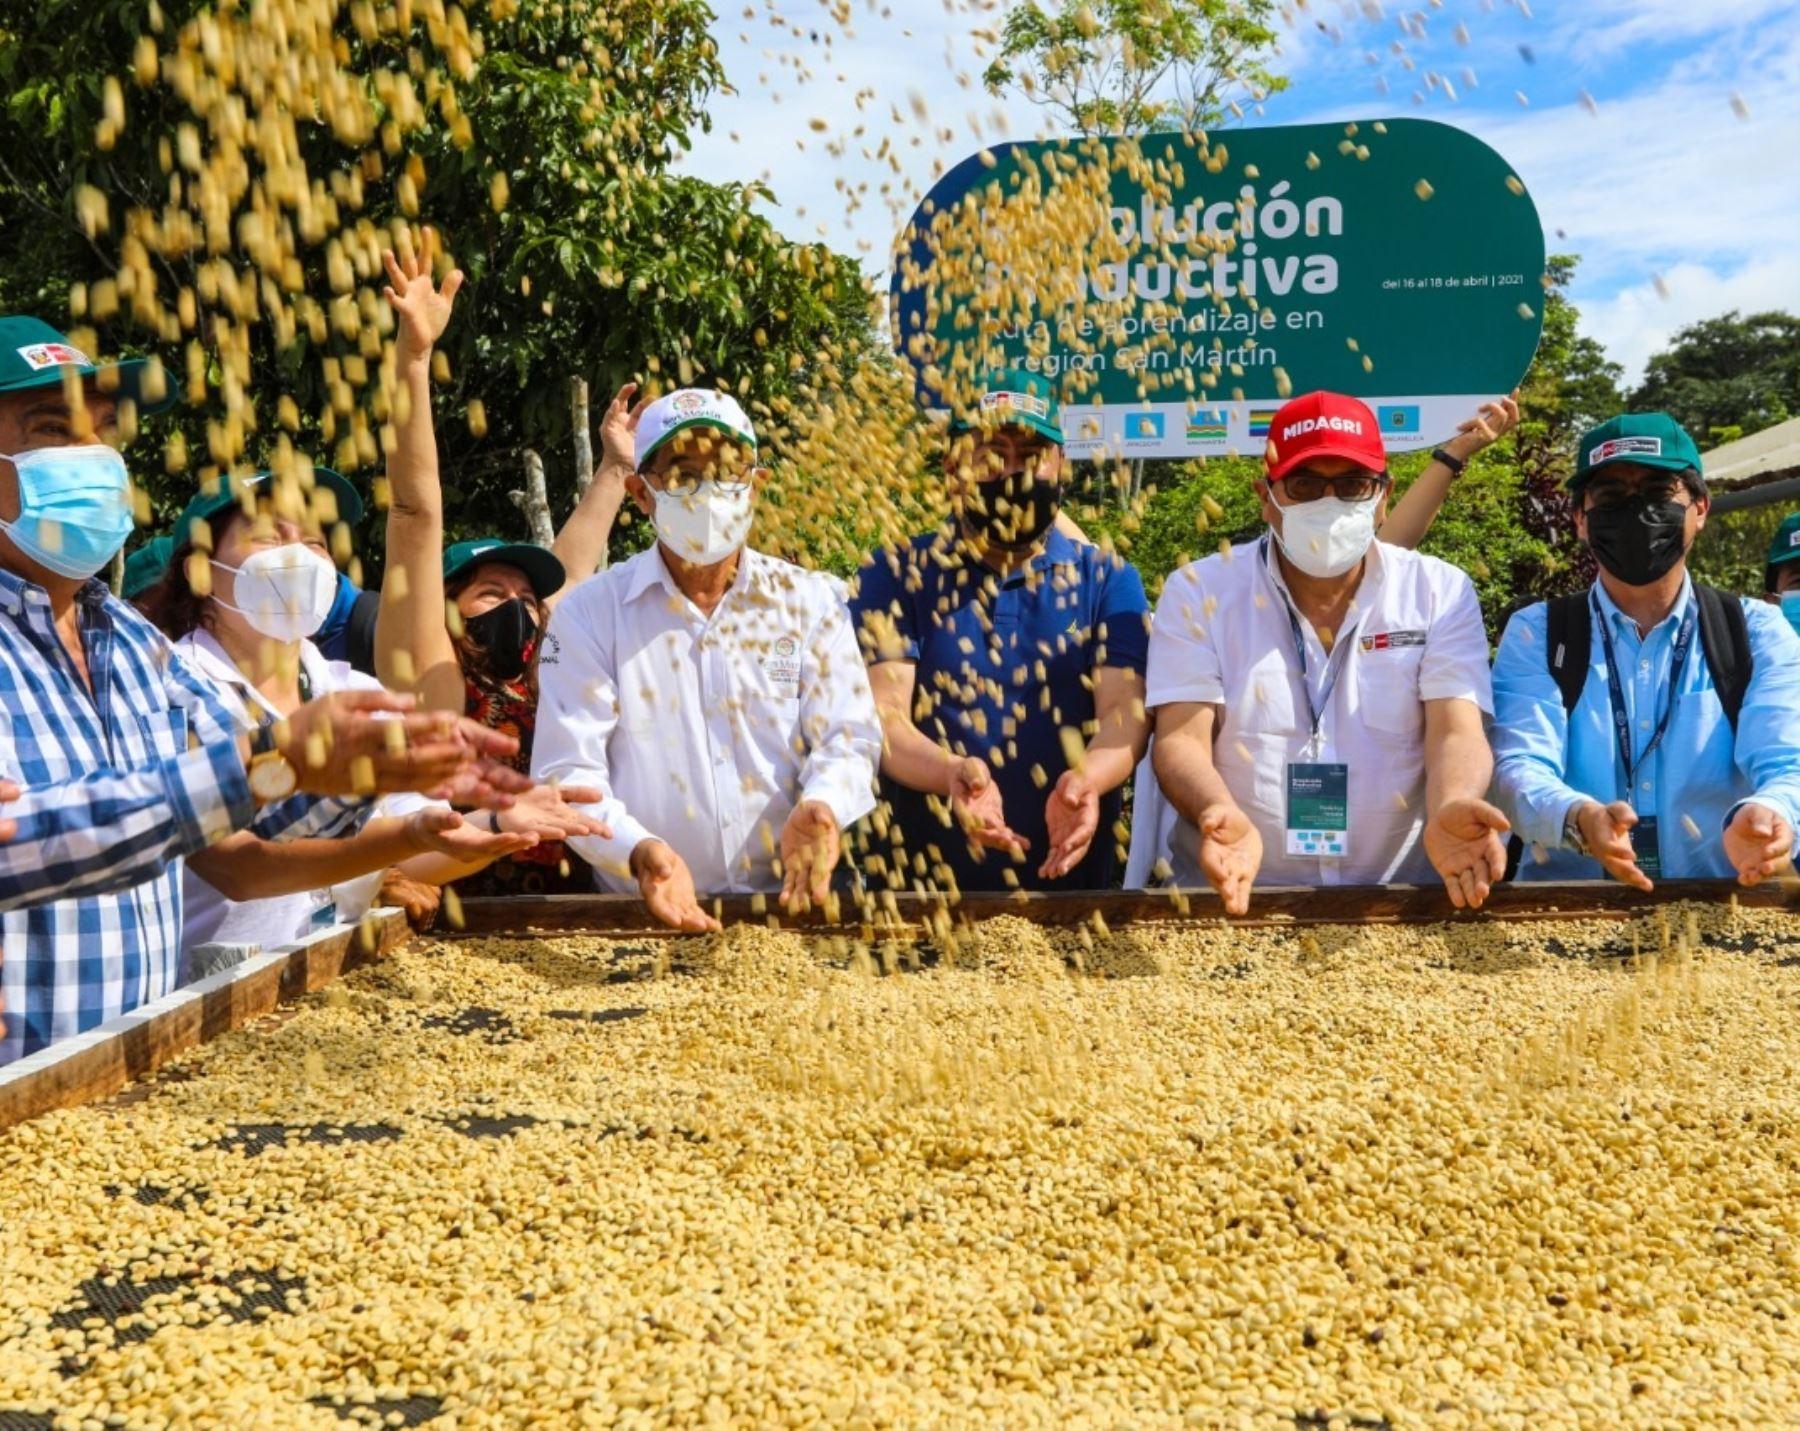 Ministerio de Desarrollo Agrario y Riego lanza en San Martín iniciativa para potenciar cultivos de calidad en regiones y capacitar a gobernadores y funcionarios regionales. ANDINA/Difusión